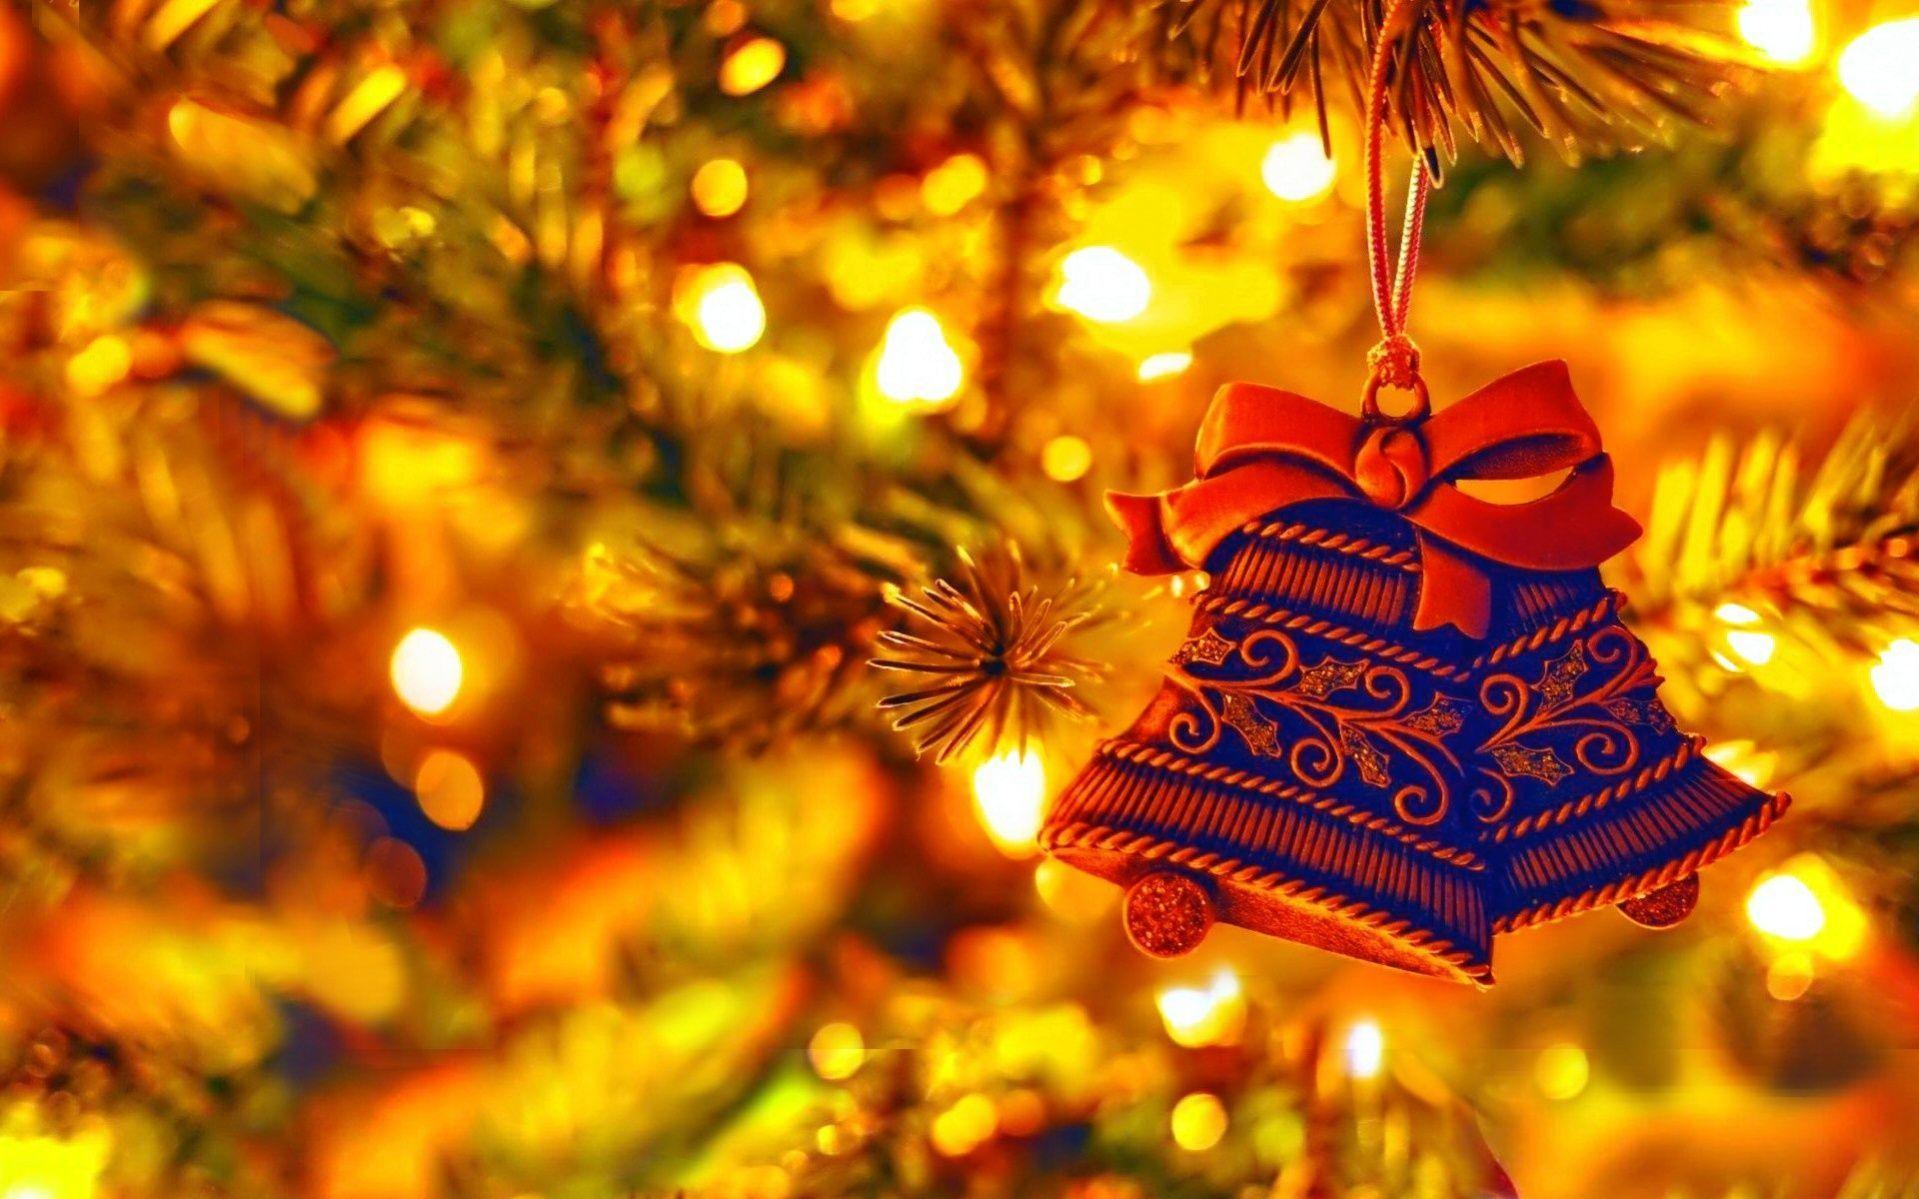 Hình nền Giáng sinh miễn phí 1919x1199 - JPG, PSD, AI Tải xuống